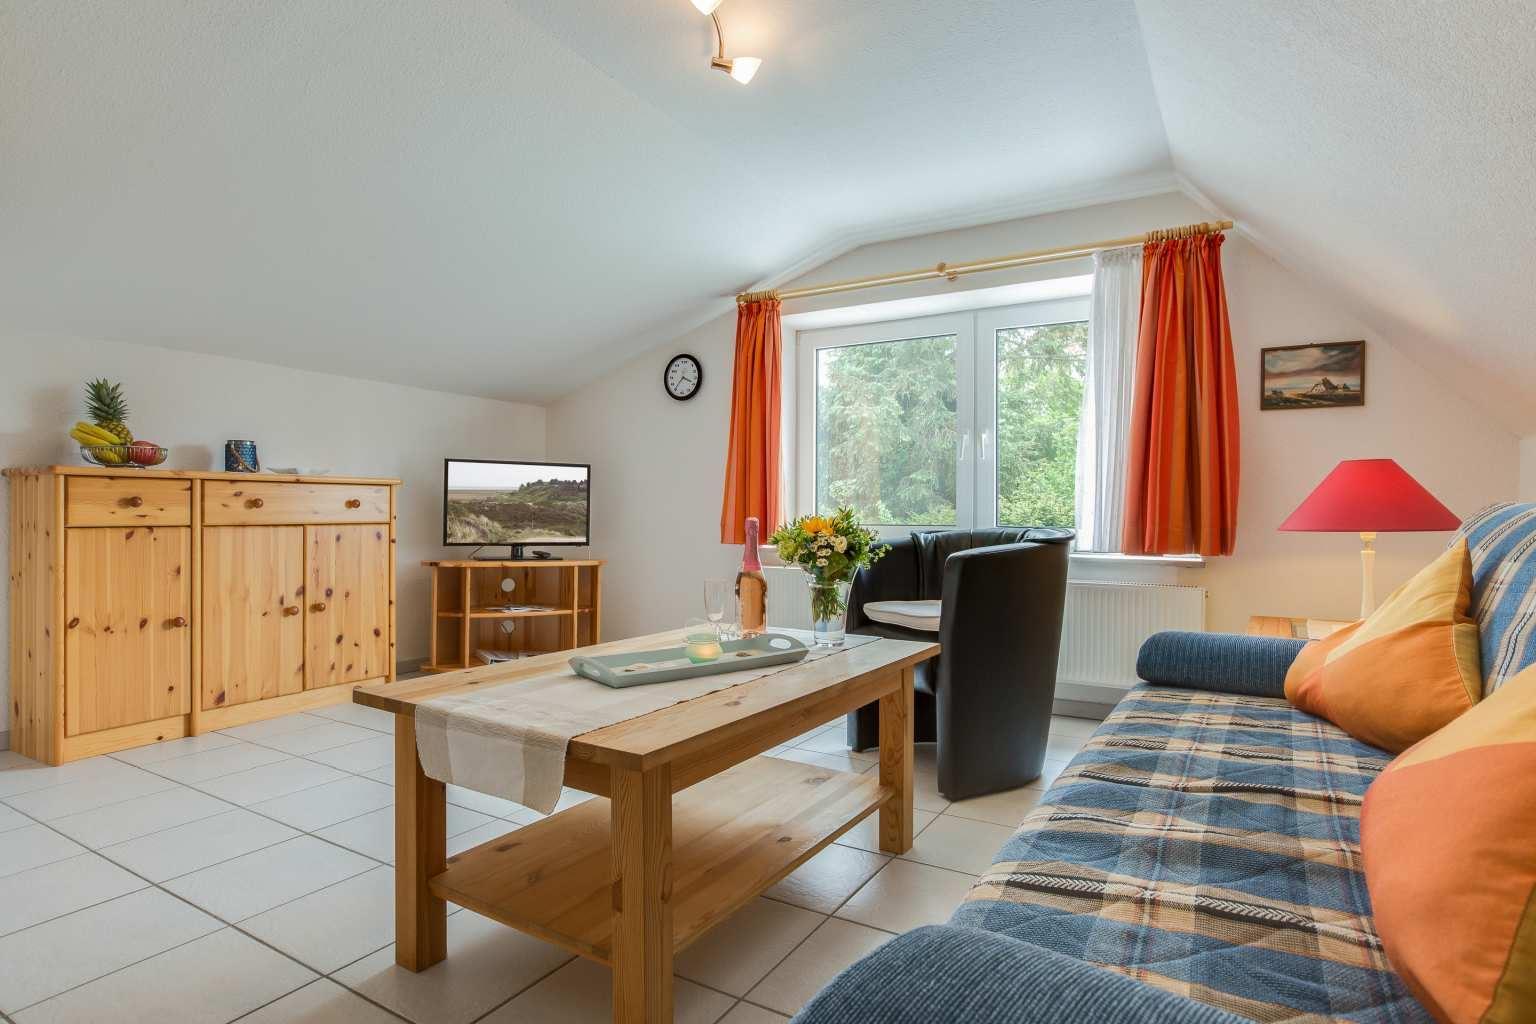 Wohnzimmer - Haus Sturmmoewe, Wohnung 5, 2-Zimmer-Ferienwohnung, Badallee 27-27a, St. Peter-Dorf